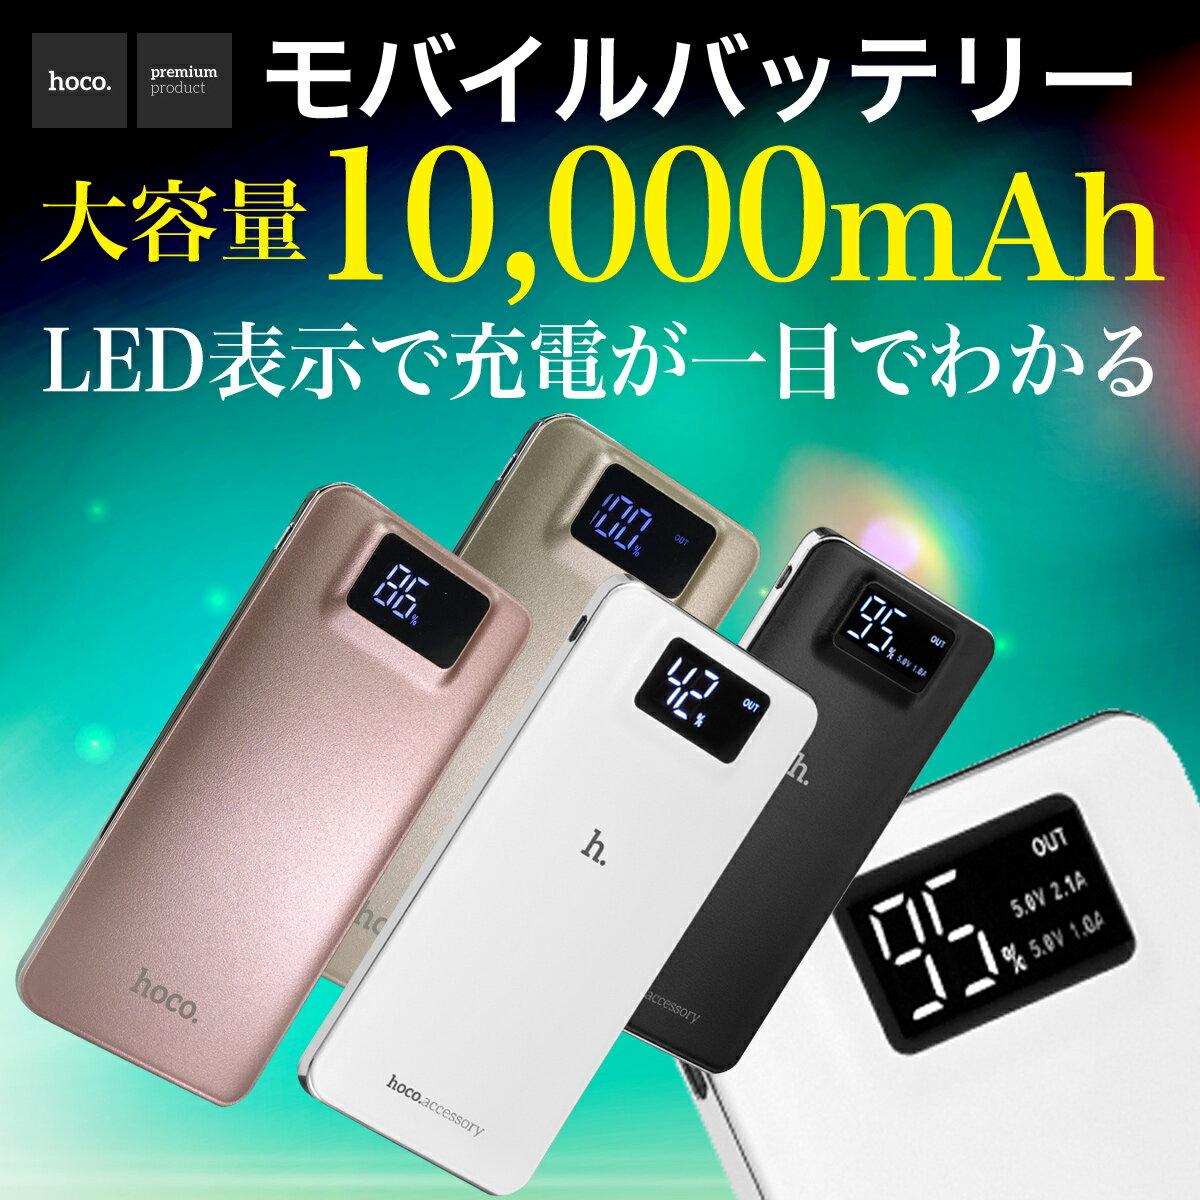 モバイルバッテリー 10000mAh 大容量 軽量 iPhone6 plus iPhone6s android スマホ 充電器 スマートフォン モバイル バッテリー 携帯充電器 充電 hoco hoco-bt01 発送はメール便